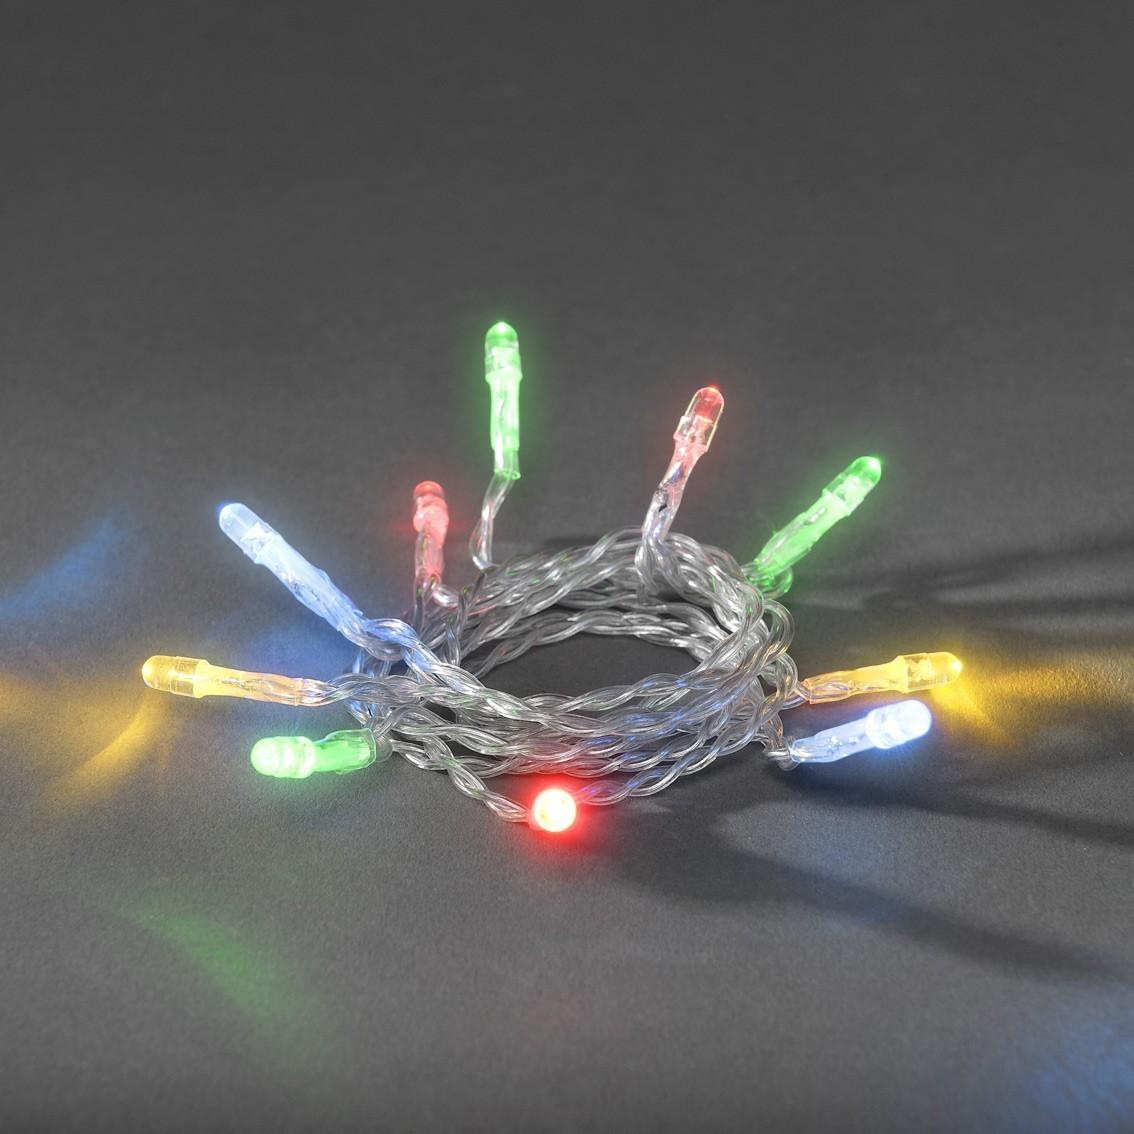 weihnachtsbeleuchtung konstsmide lichterkette 10 leds batterie bunt bild 1. Black Bedroom Furniture Sets. Home Design Ideas